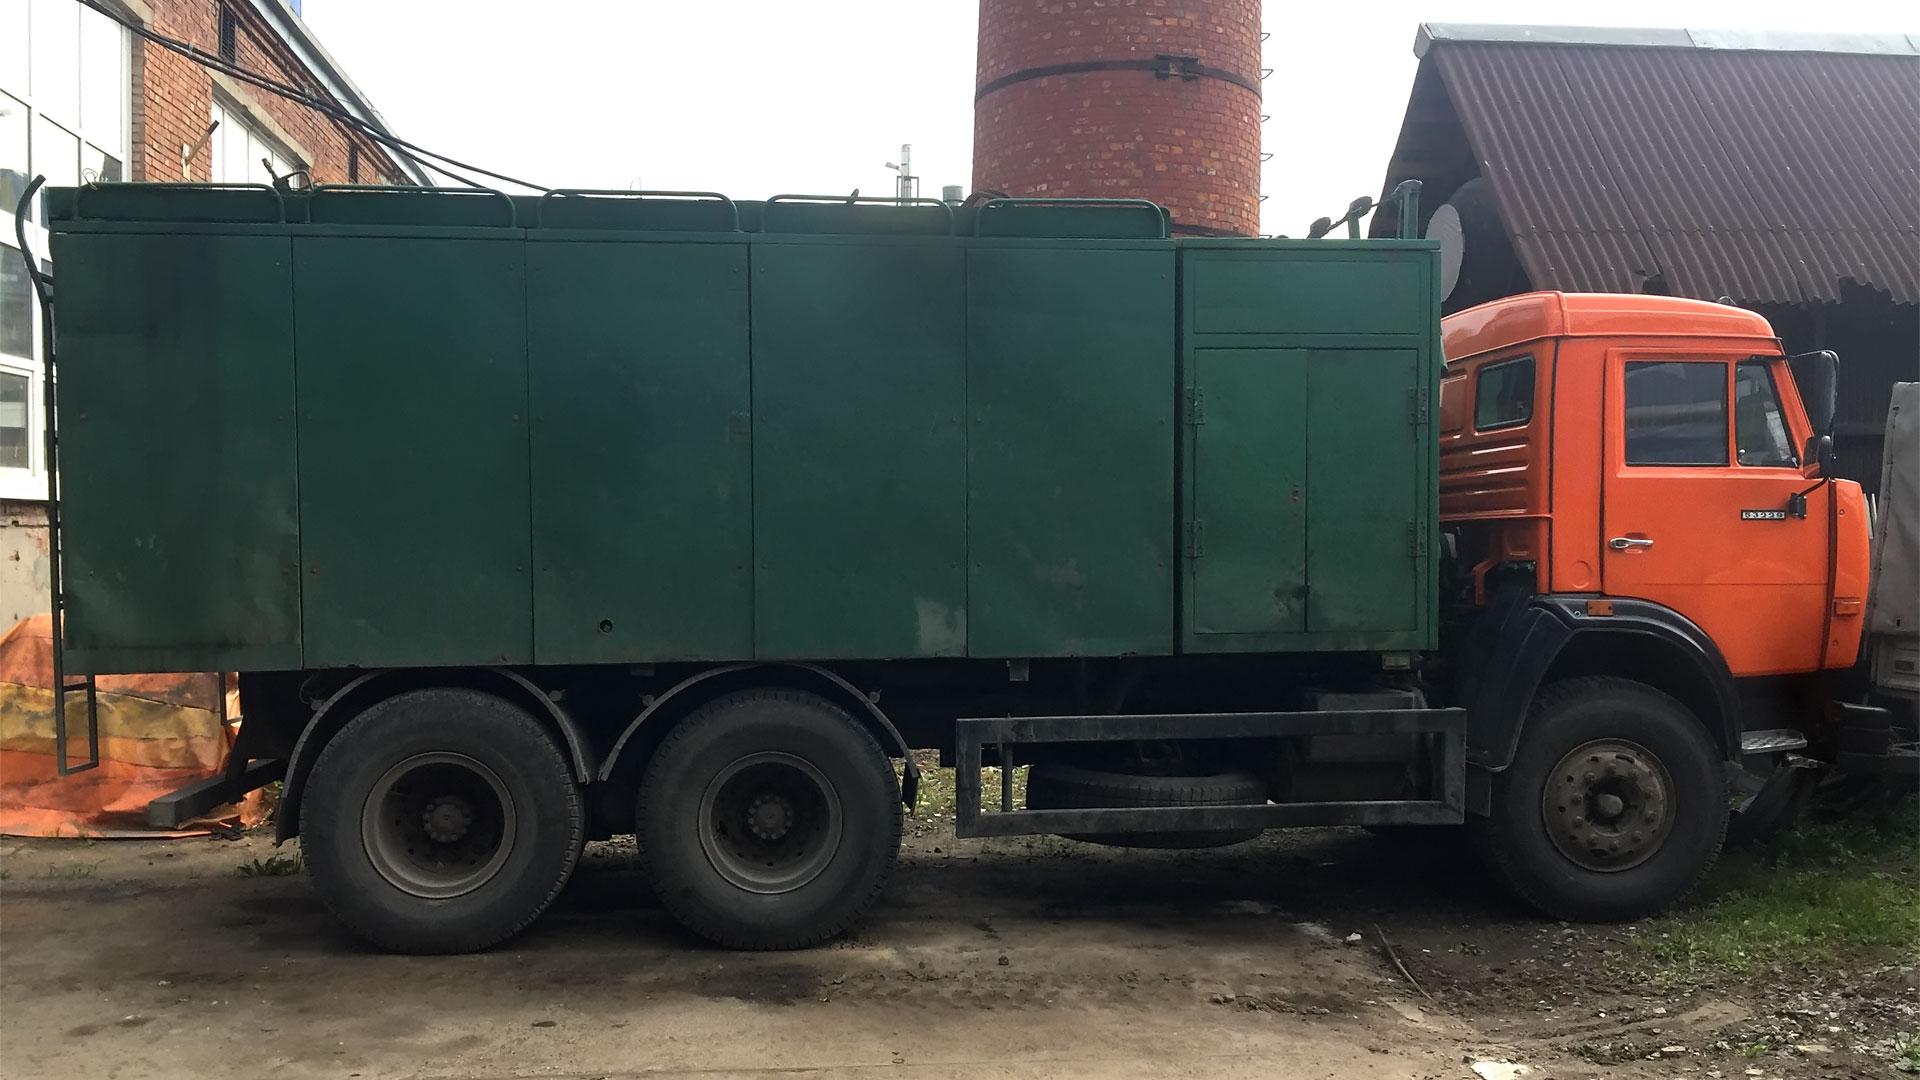 Илососная машина комбинированная каналоочистительная КО-564 на базе шасси КАМАЗ-53229-15